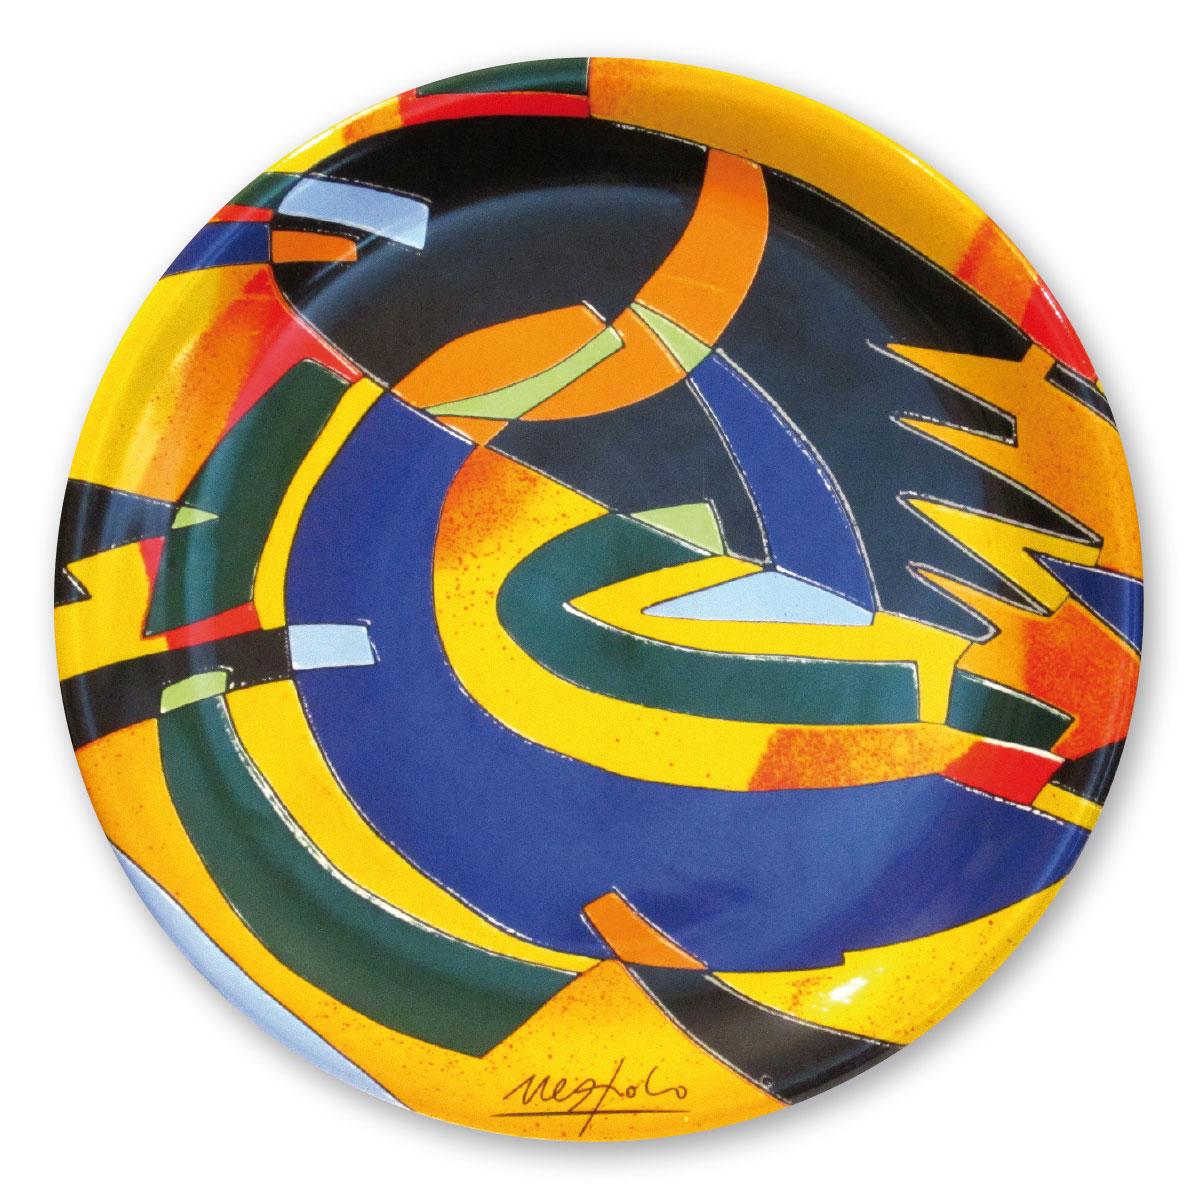 L'opera dell'artista Ugo Nespolo acquisita dal Museo a cielo aperto di Denice, dedicato alla ceramica contemporanea